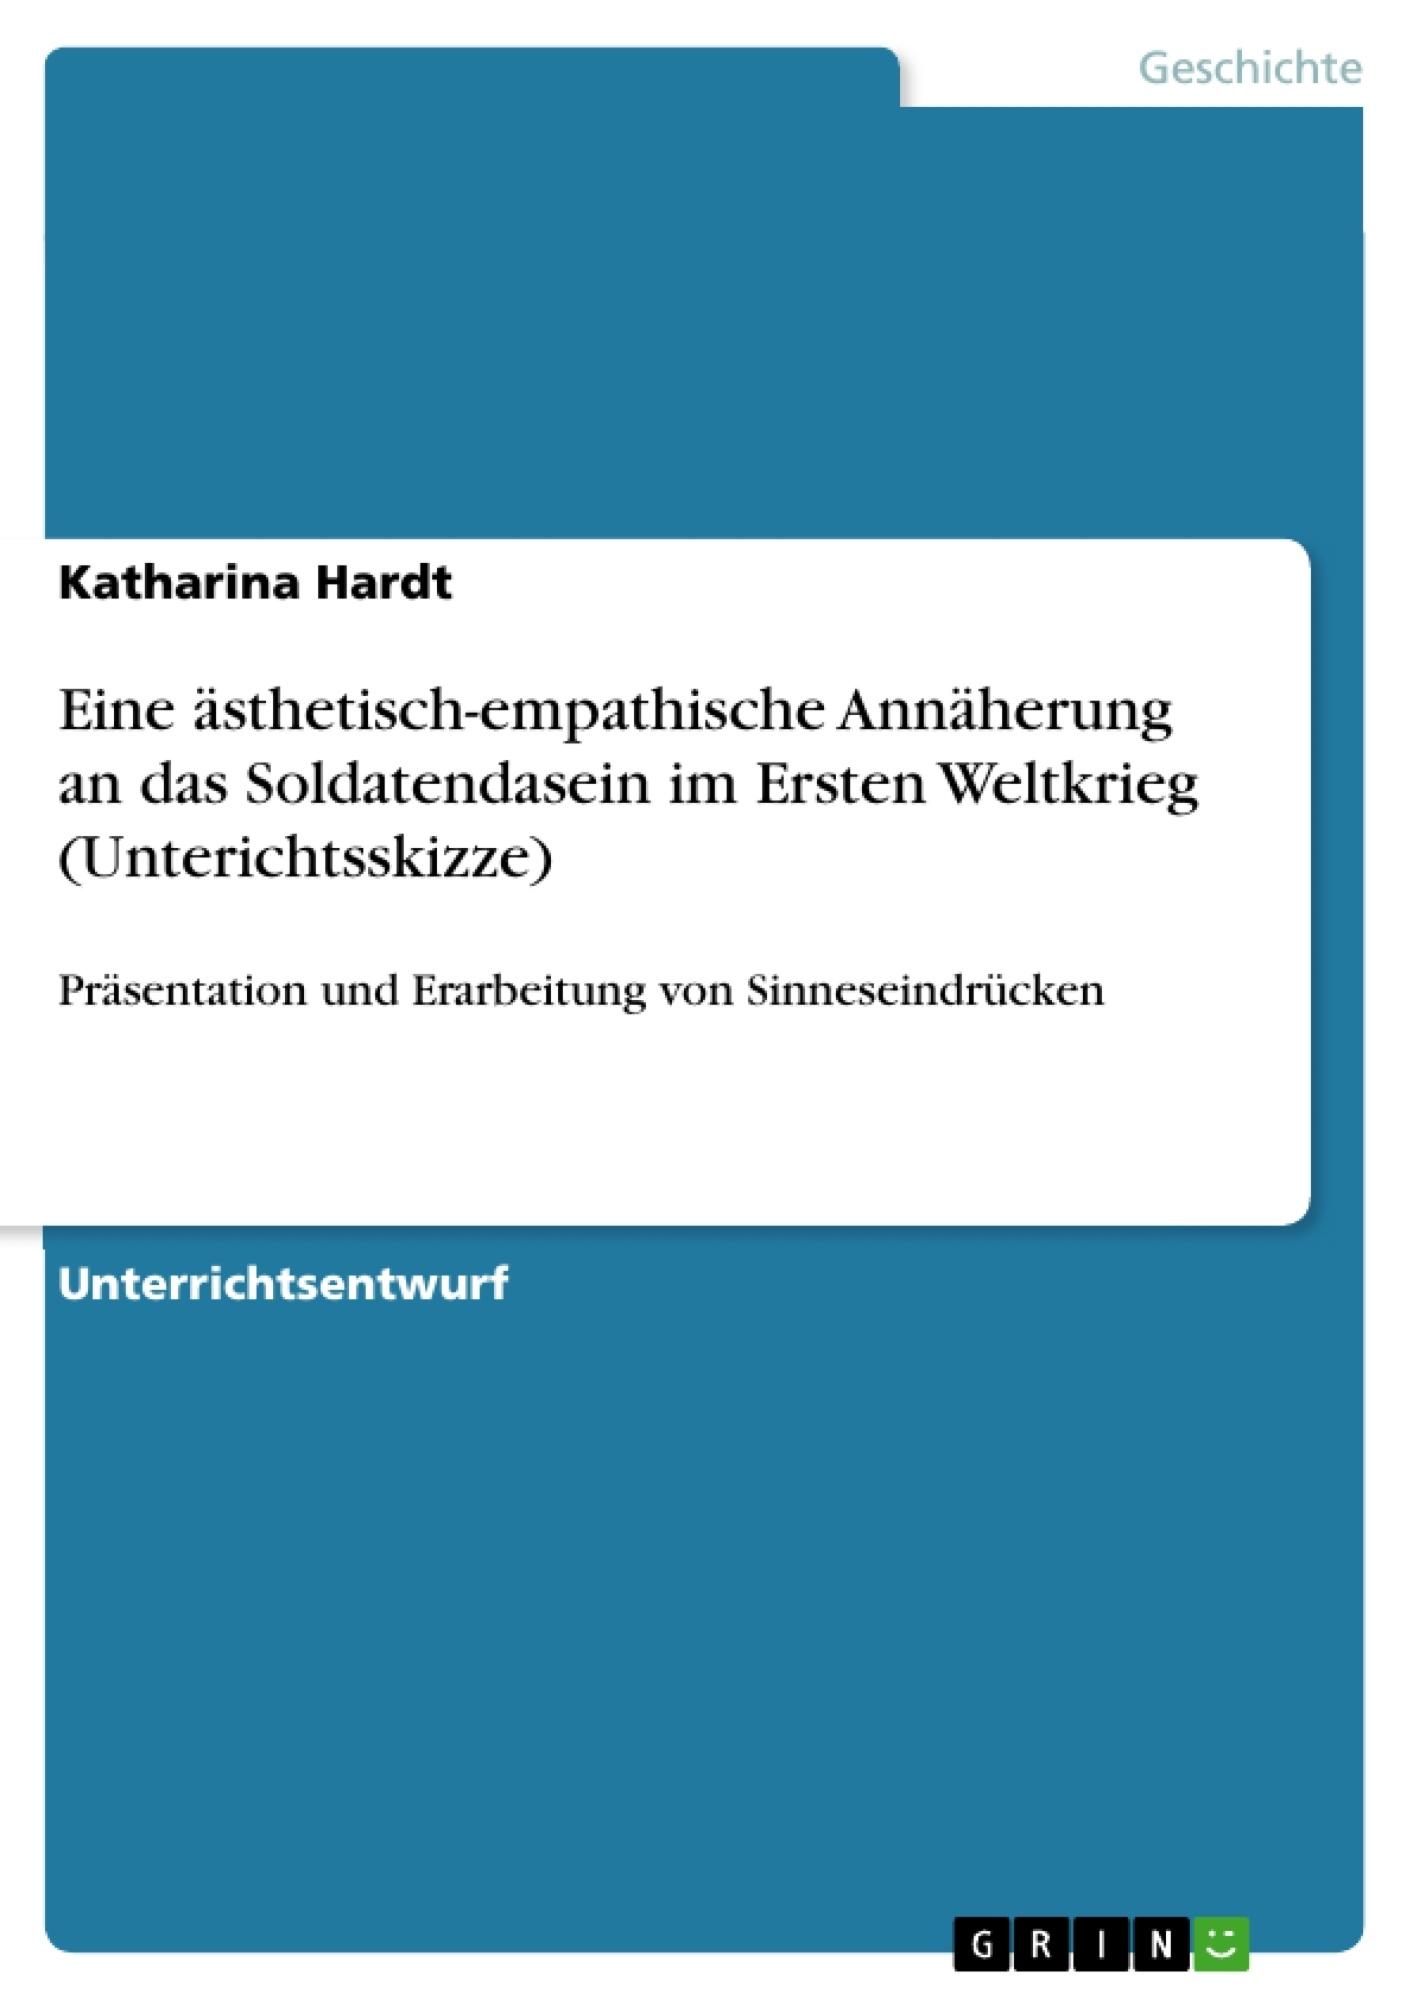 Titel: Eine ästhetisch-empathische Annäherung an das Soldatendasein im Ersten Weltkrieg (Unterichtsskizze)